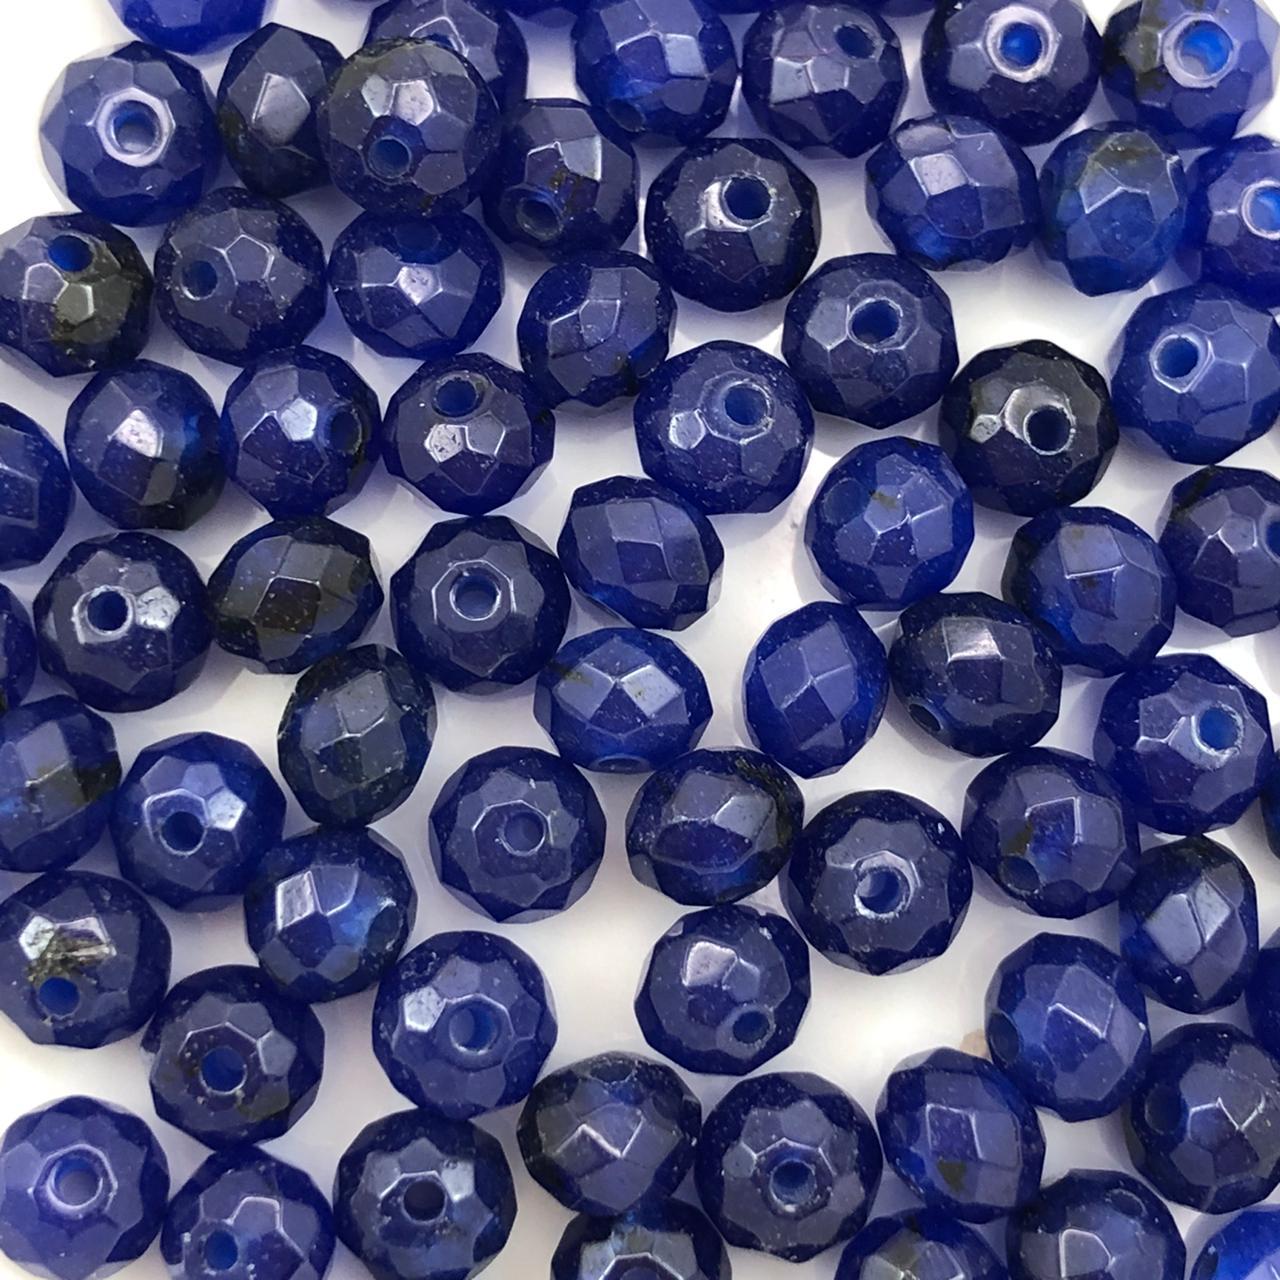 PN131 - Rondel Facetado 6mm Pedra Natural Quartzo Azul - 12Unids